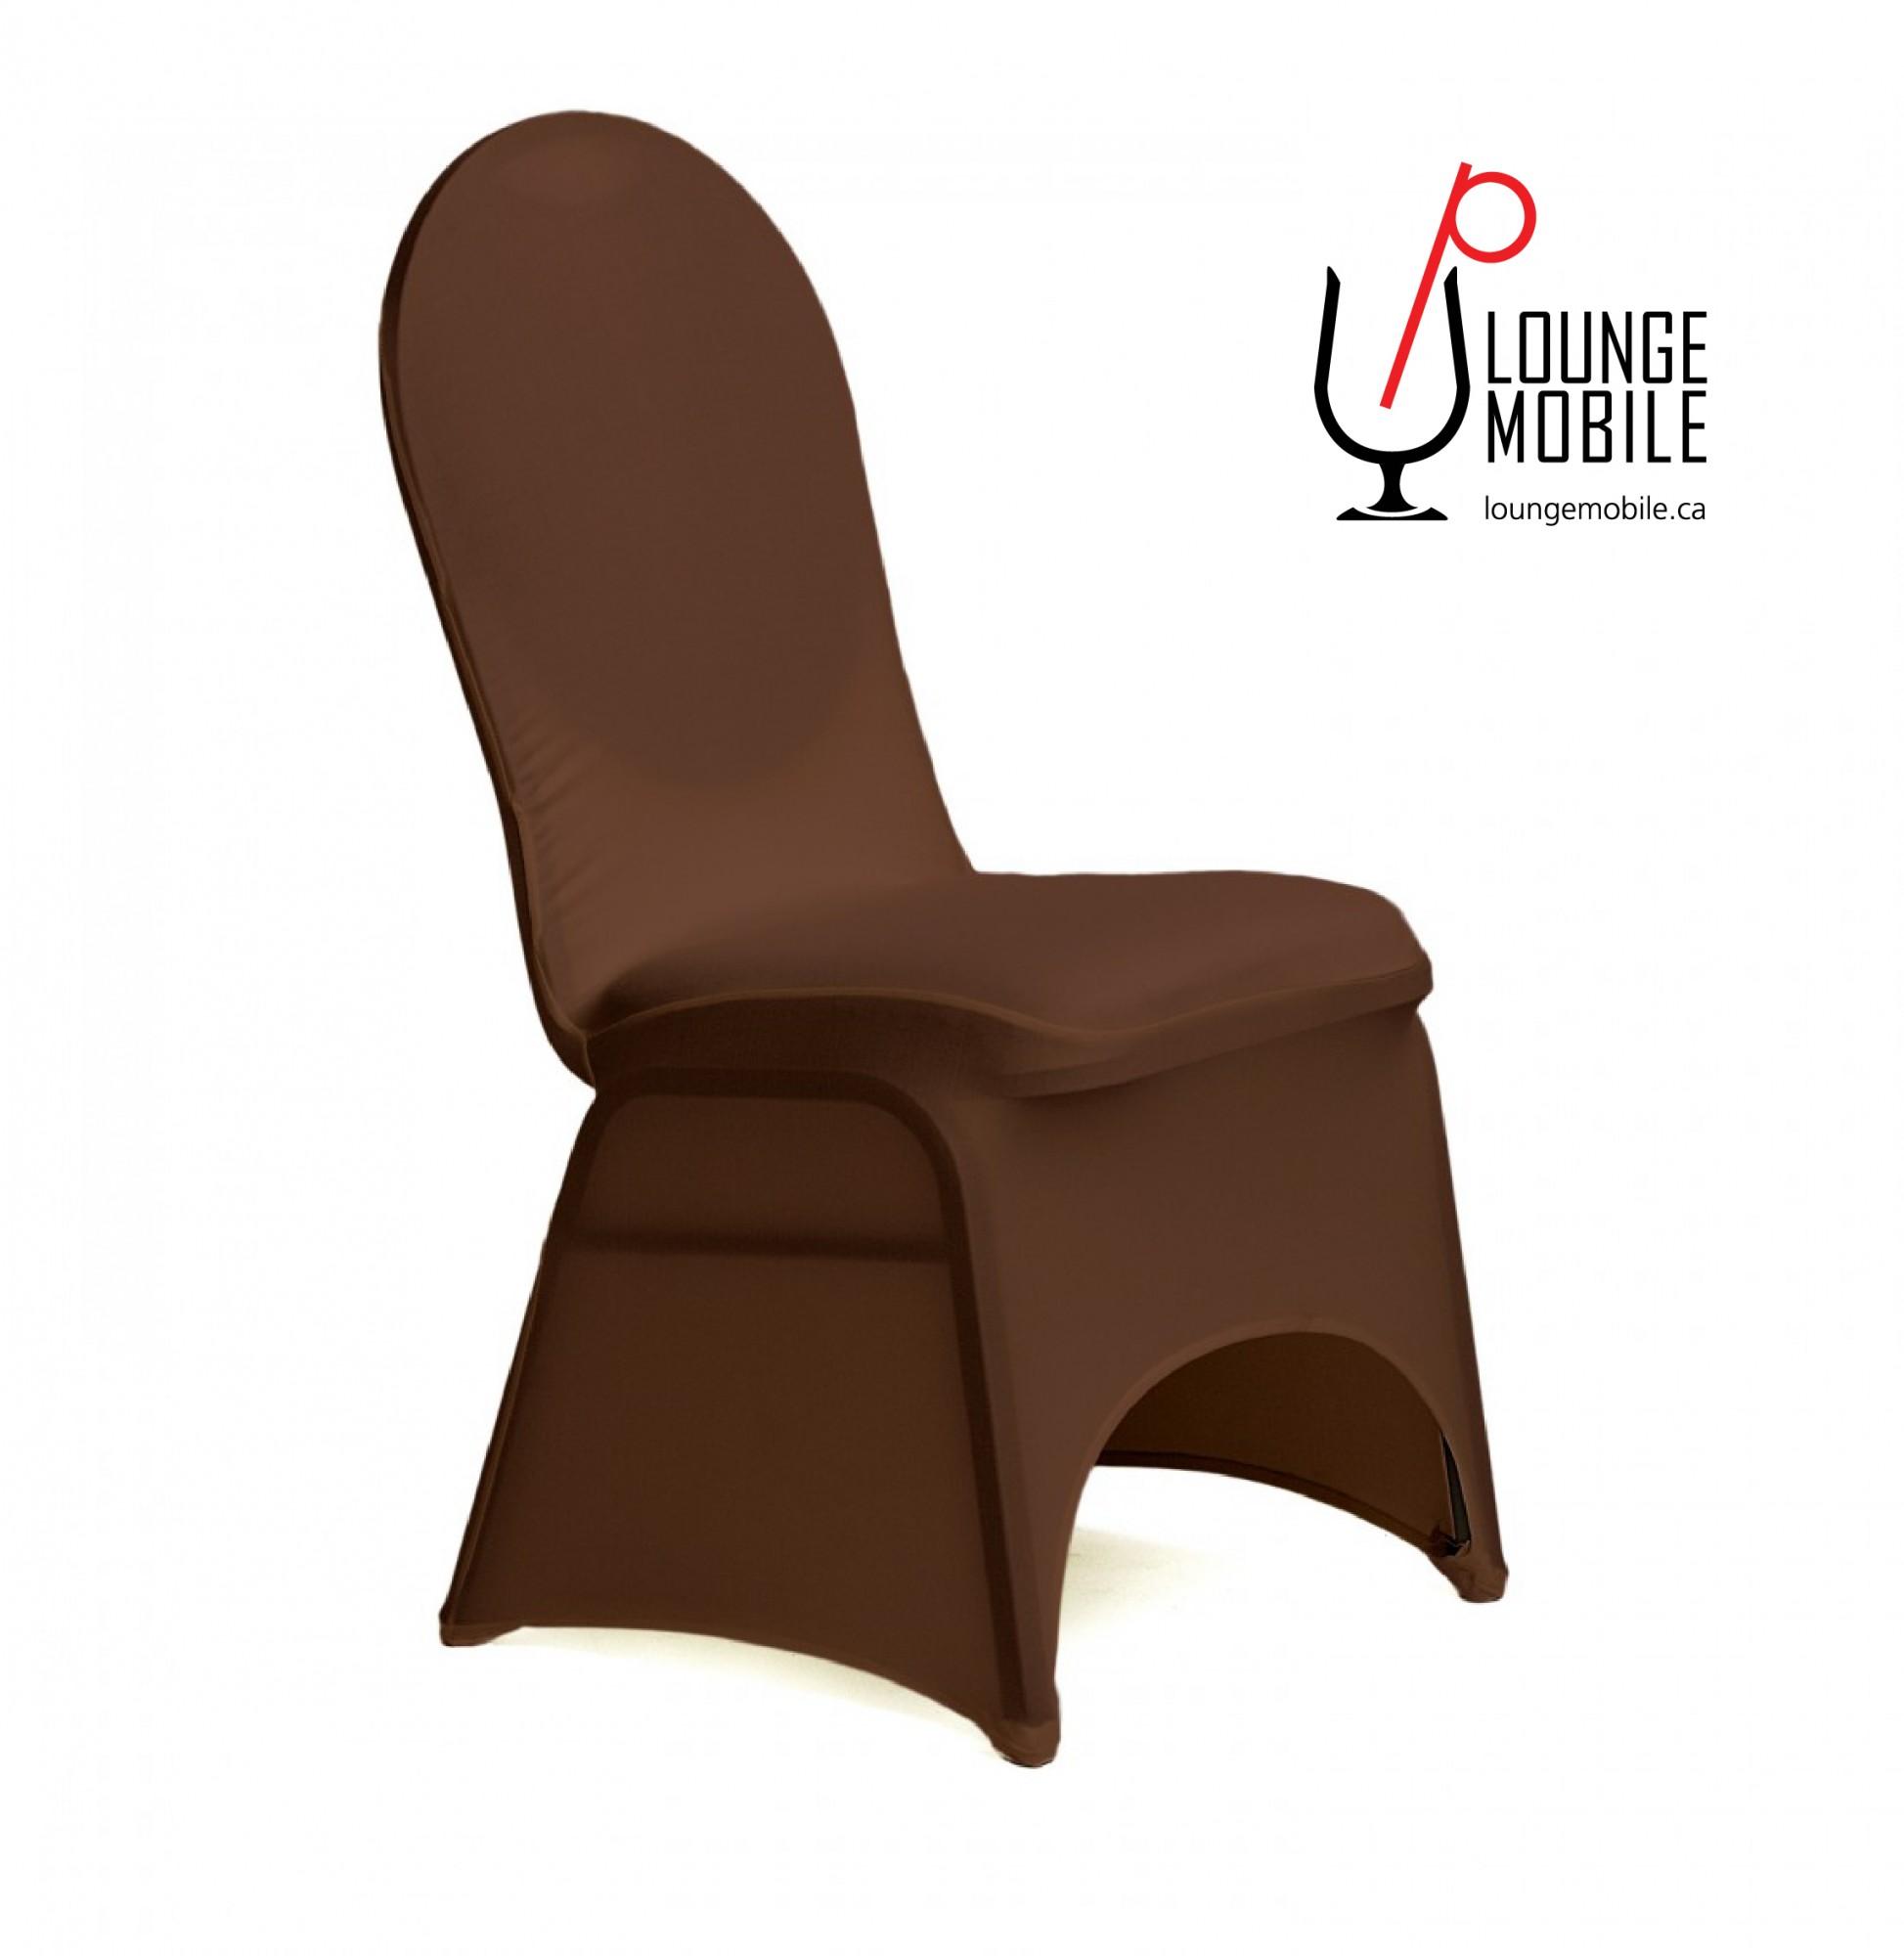 Housse de chaise lycra chocolat housses de chaises les for Housse de chaise turquoise